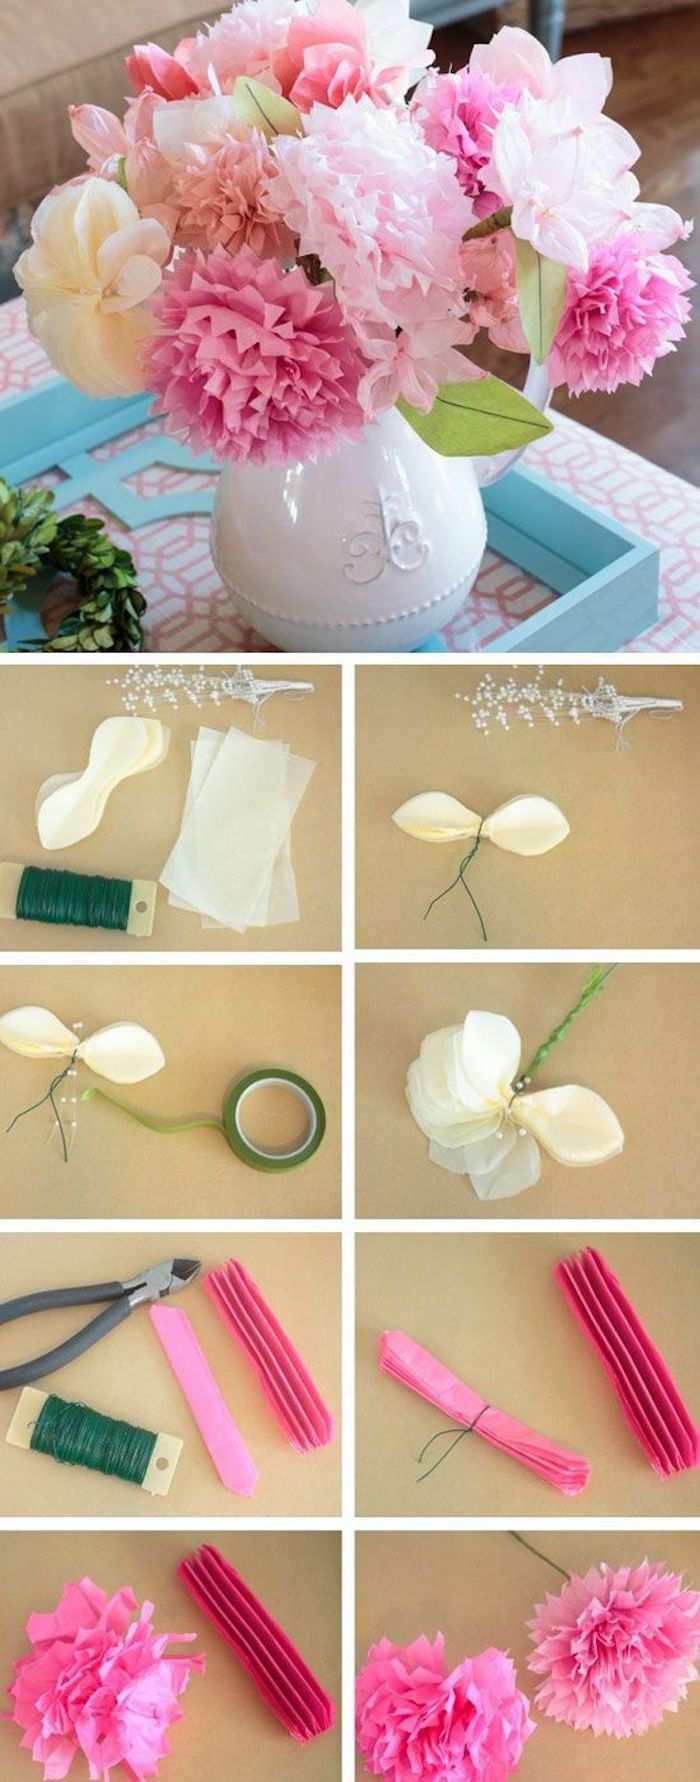 Kreative Idee Blumen Aus Krepppapier Basteln Nie Verwelken Blumen Aus Krepppapier Papierblumen Basteln Blumen Basteln